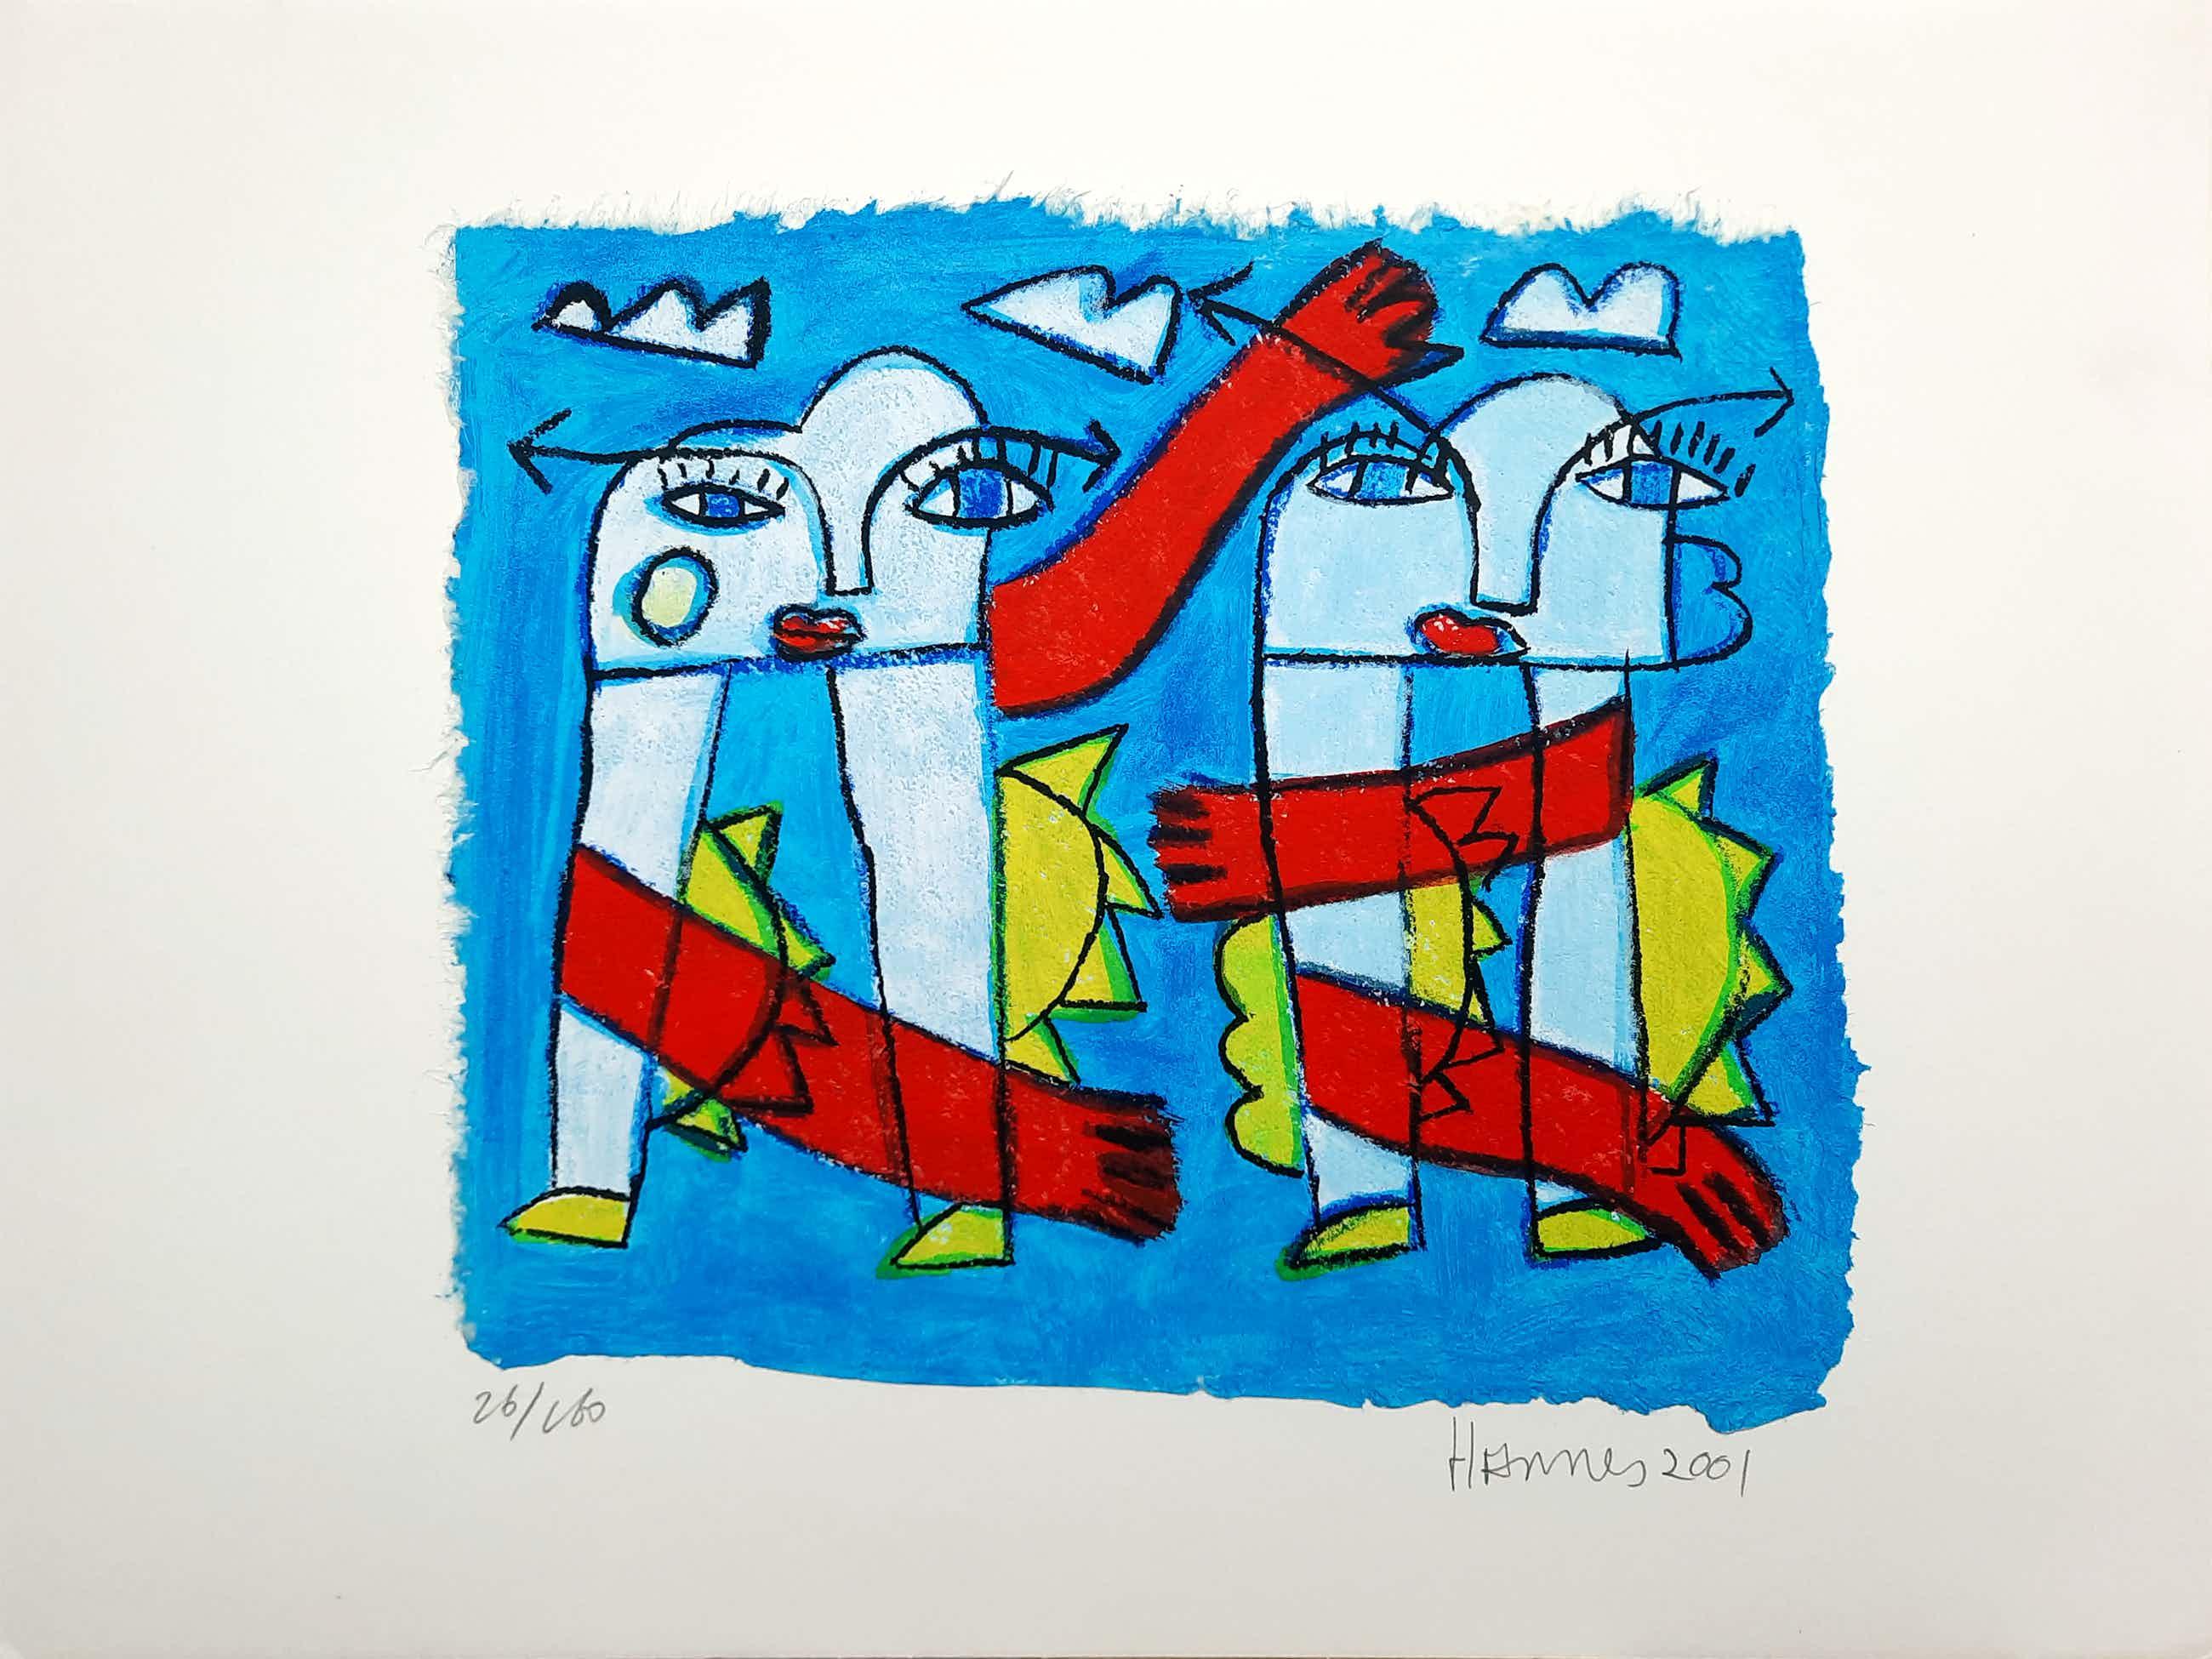 Hannes Kuiper - Zonder titel - vrolijke en kleurrijke zeefdruk 26/160 - 21966 kopen? Bied vanaf 45!